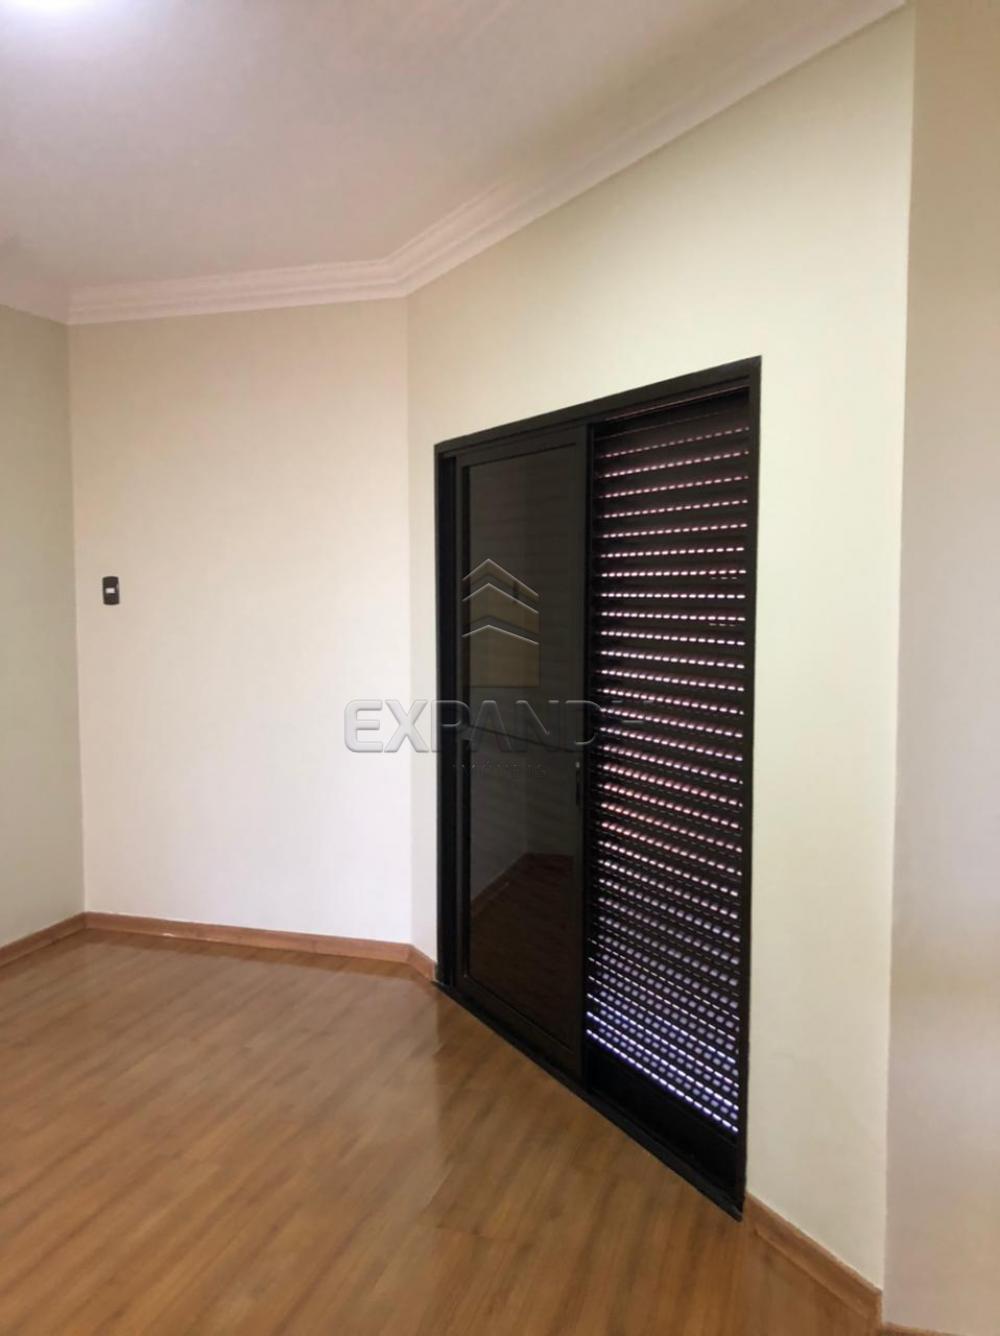 Alugar Apartamentos / Padrão em Sertãozinho R$ 1.350,00 - Foto 22